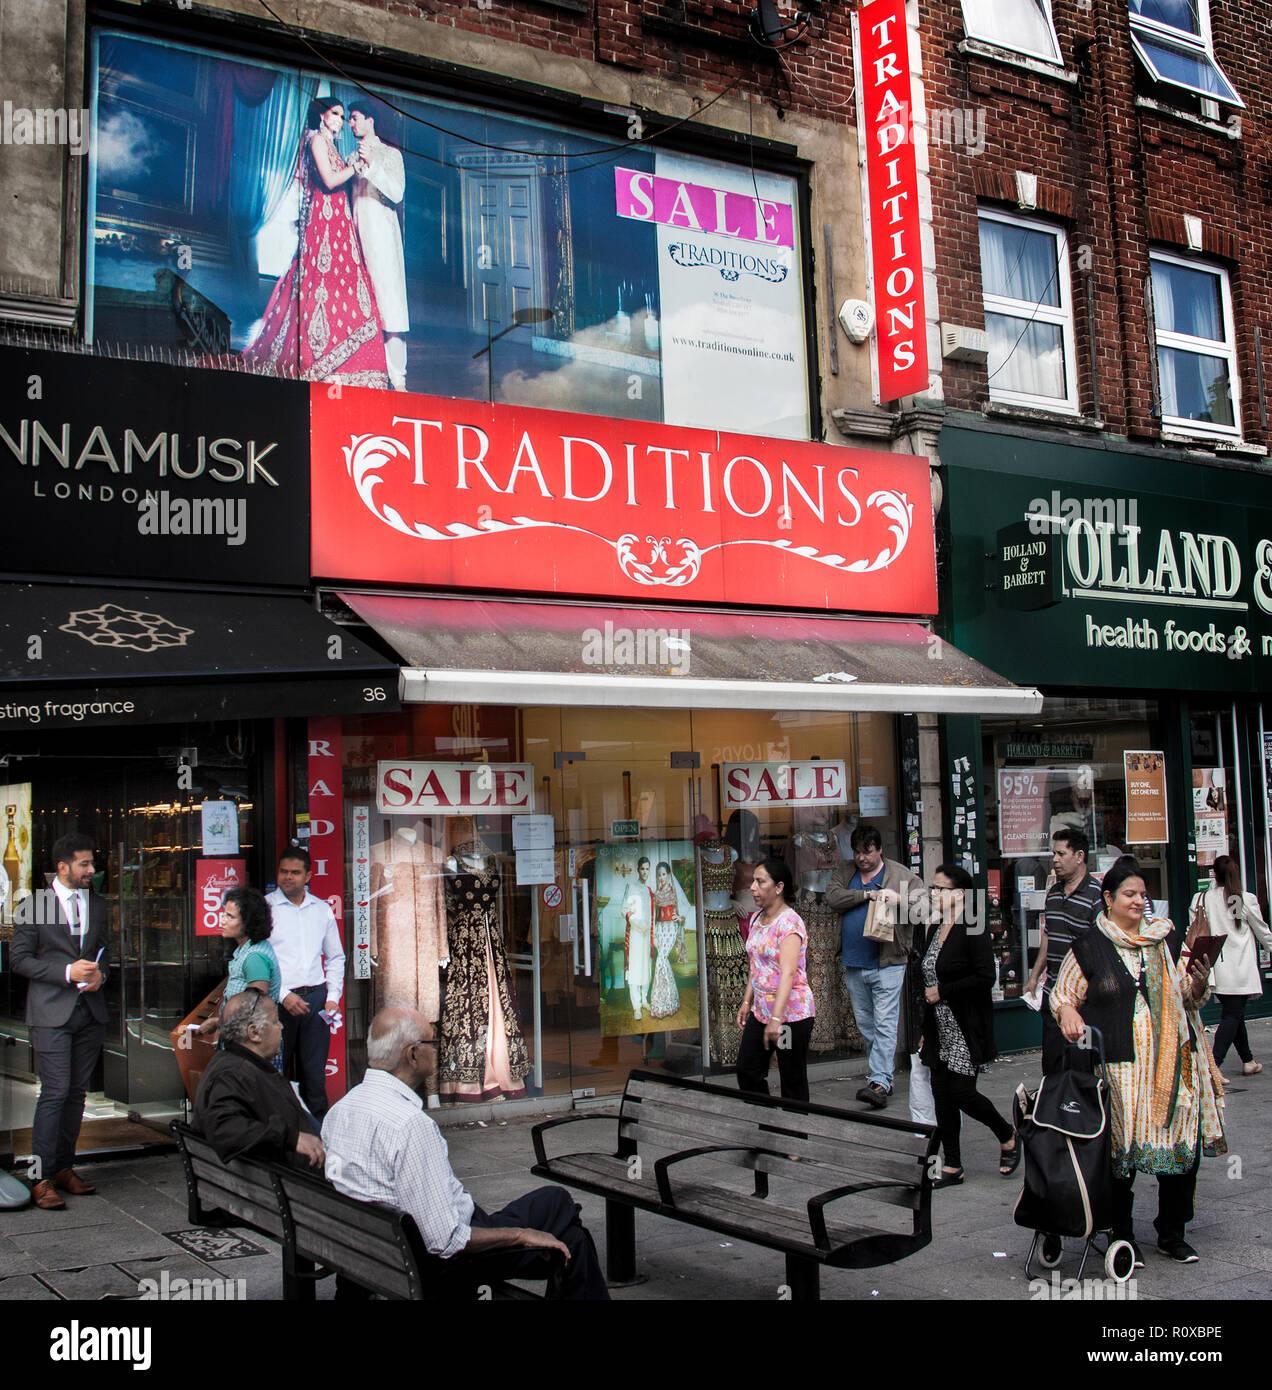 Scena di strada al di fuori delle tradizioni negozio di abbigliamento,Southall Broadway London Immagini Stock